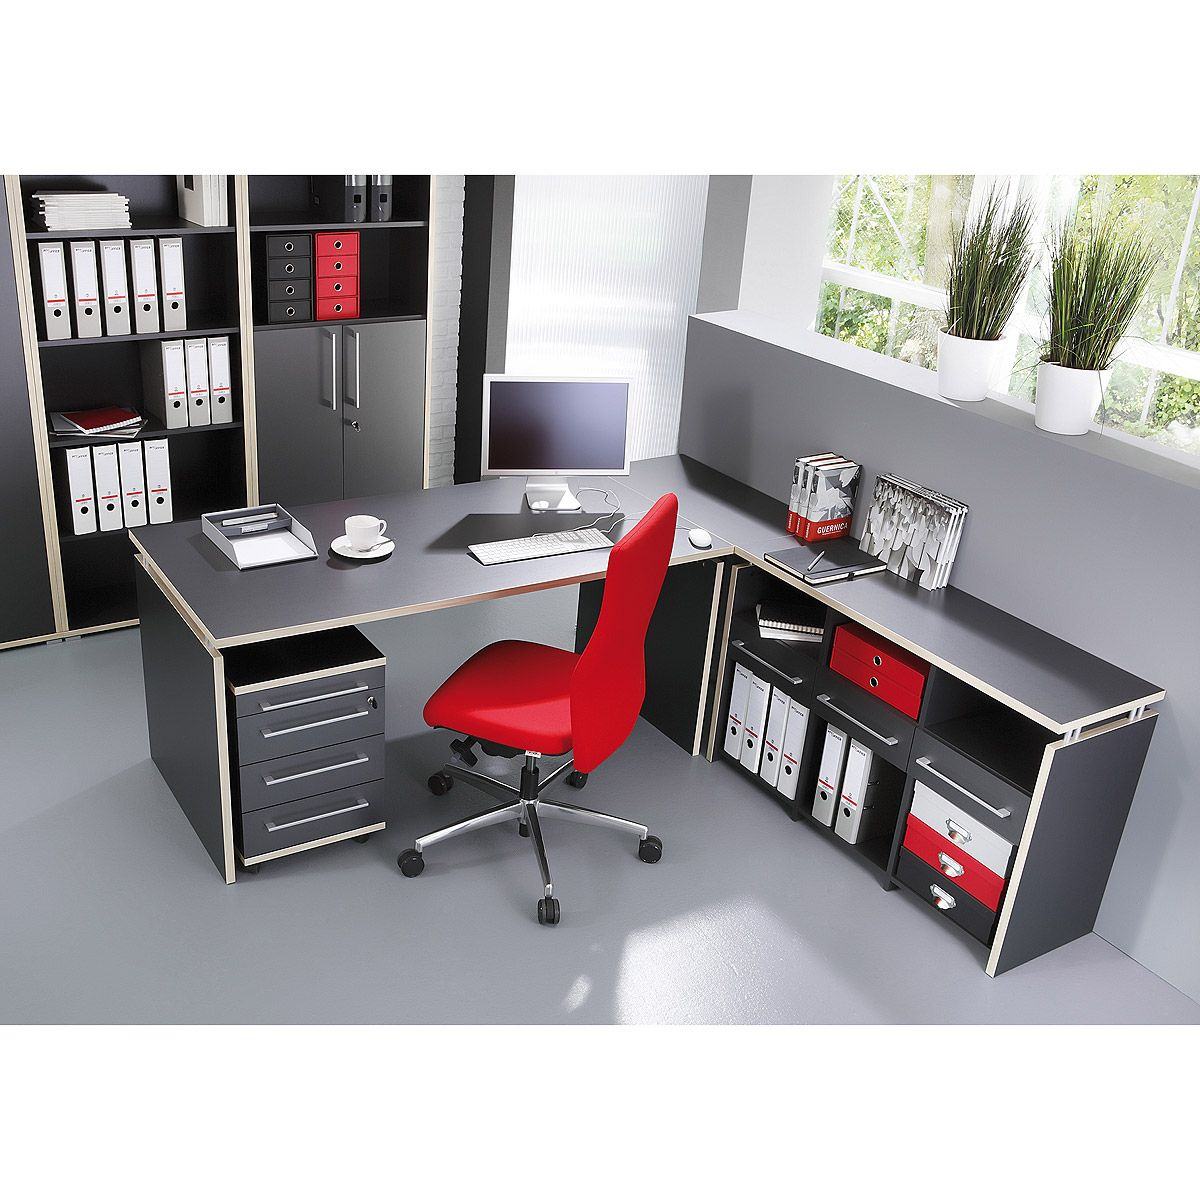 Eck Schreibtisch Duo 2 Burotisch Computertisch Anthrazit Rosales Von Germania Ebay Wohn Buro Buromobel Schreibtisch Burotisch